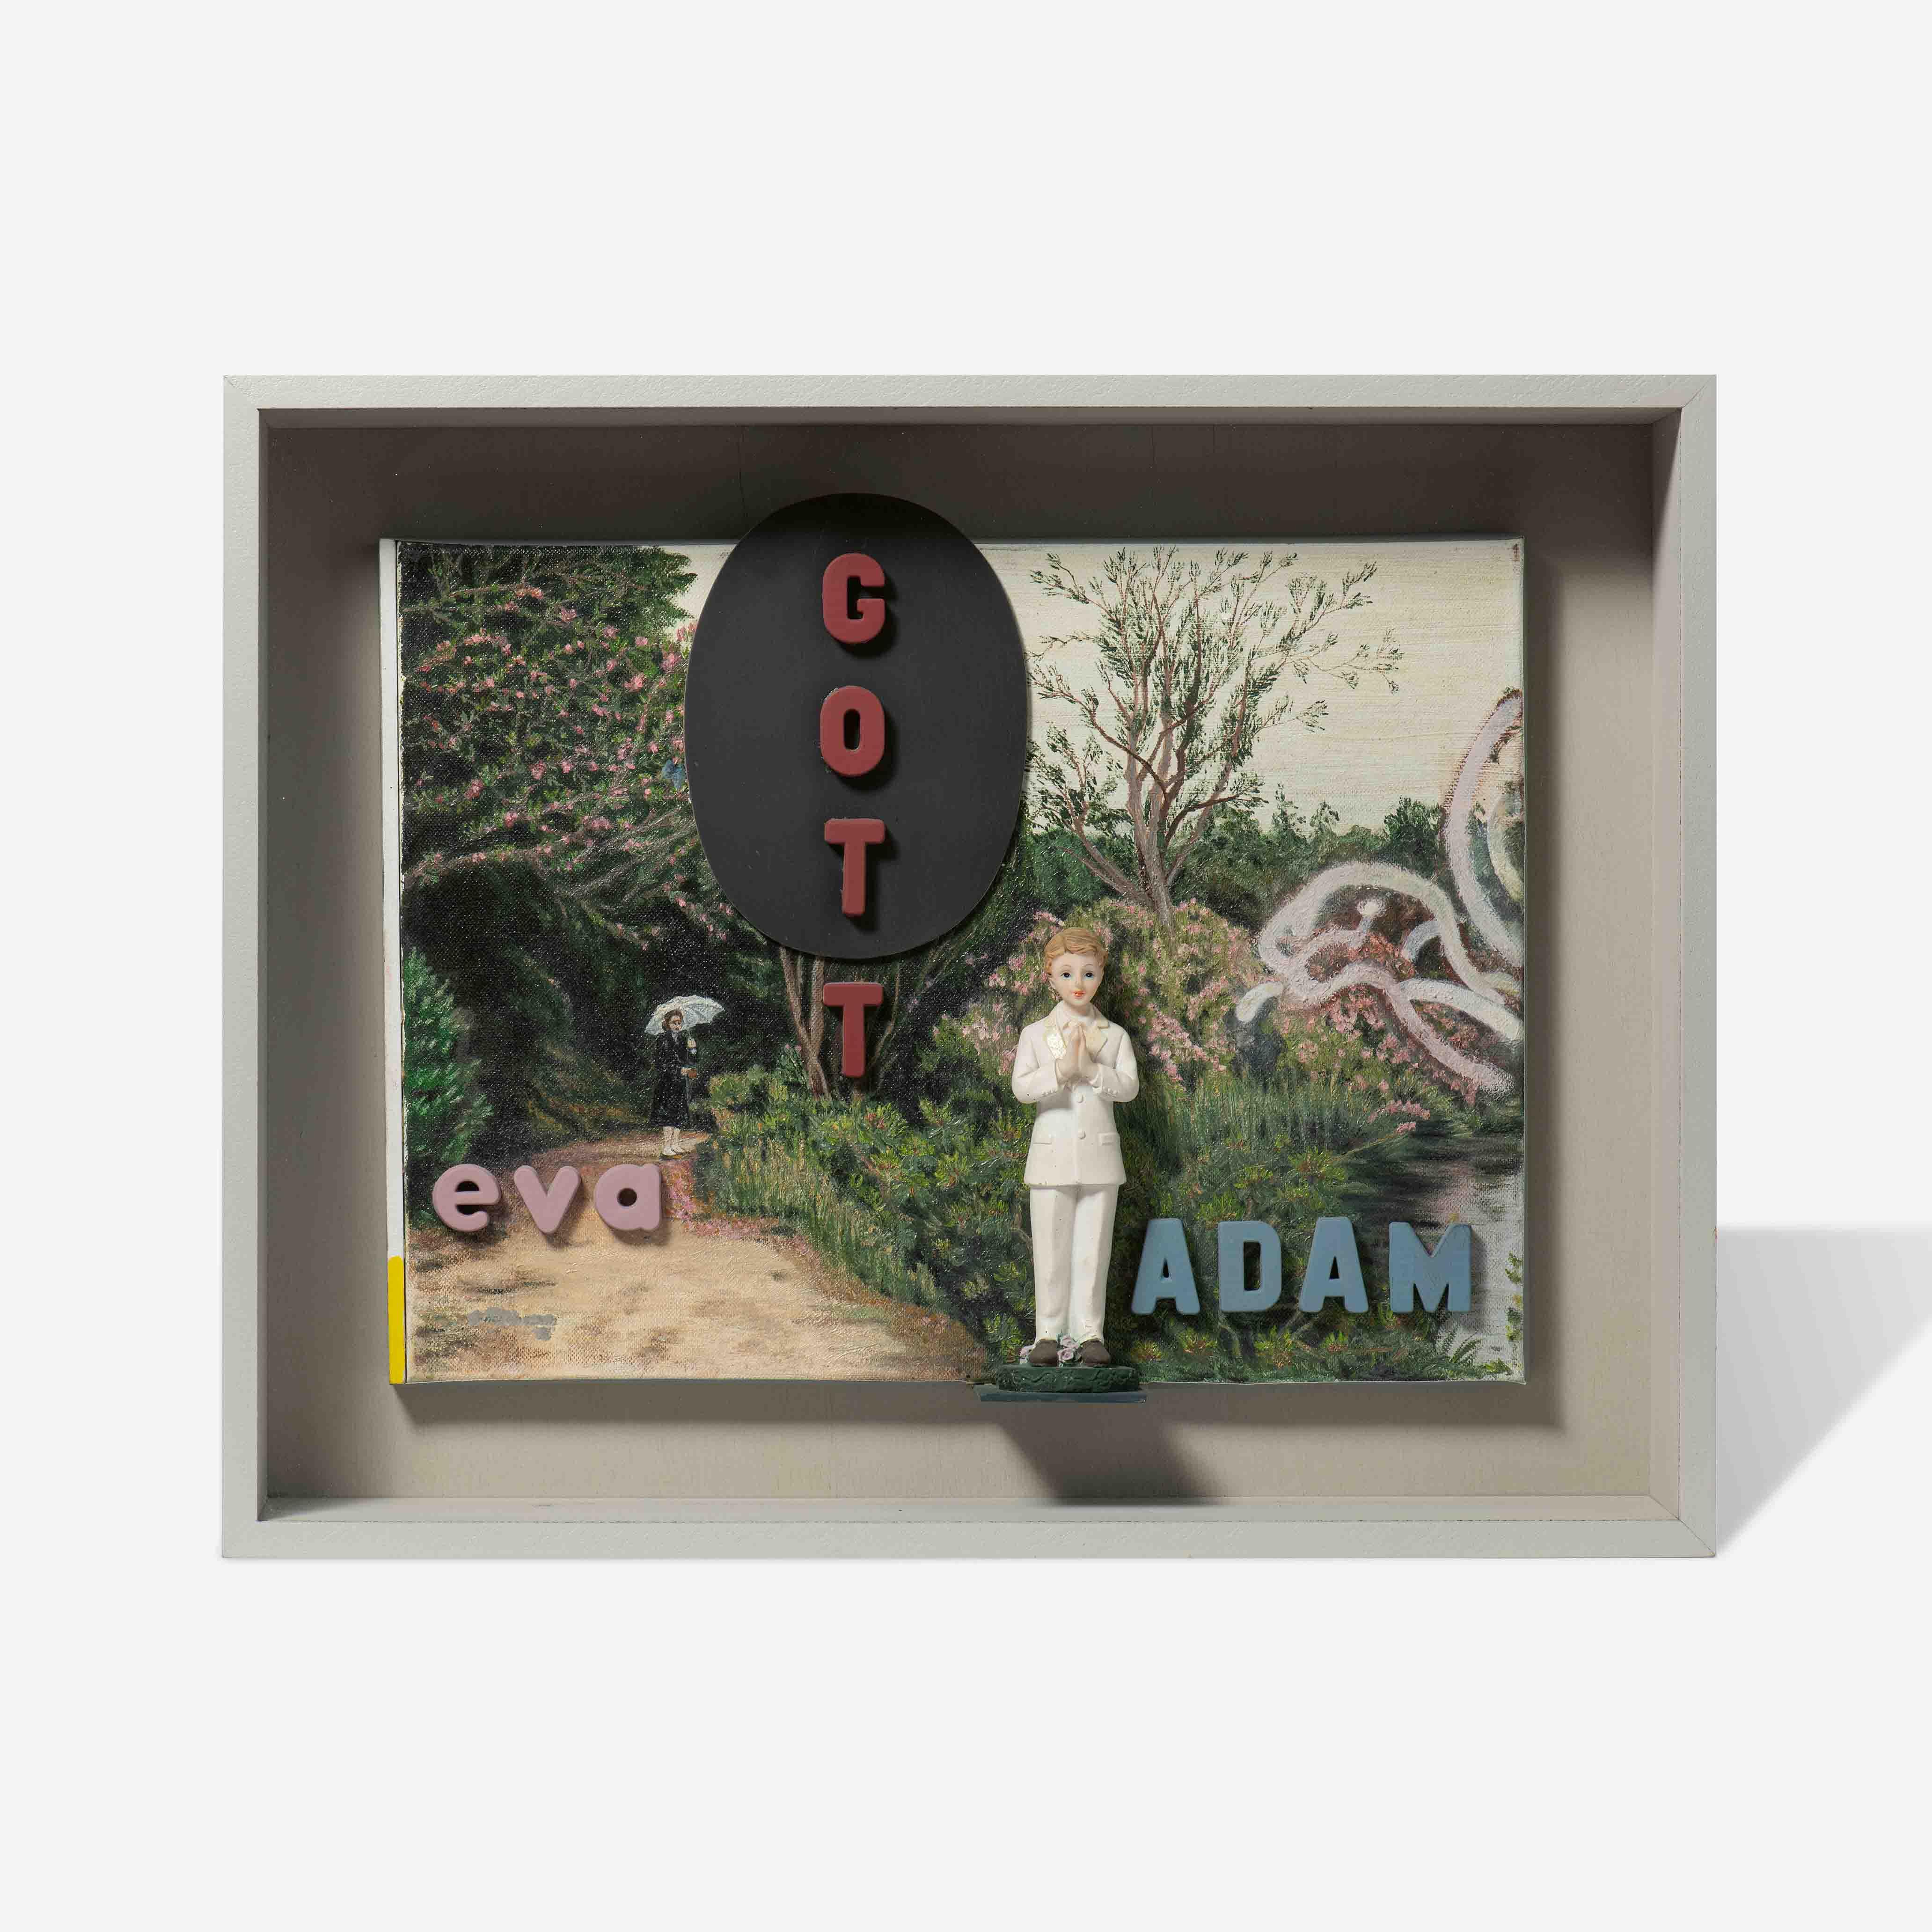 Gott, Eva Adam